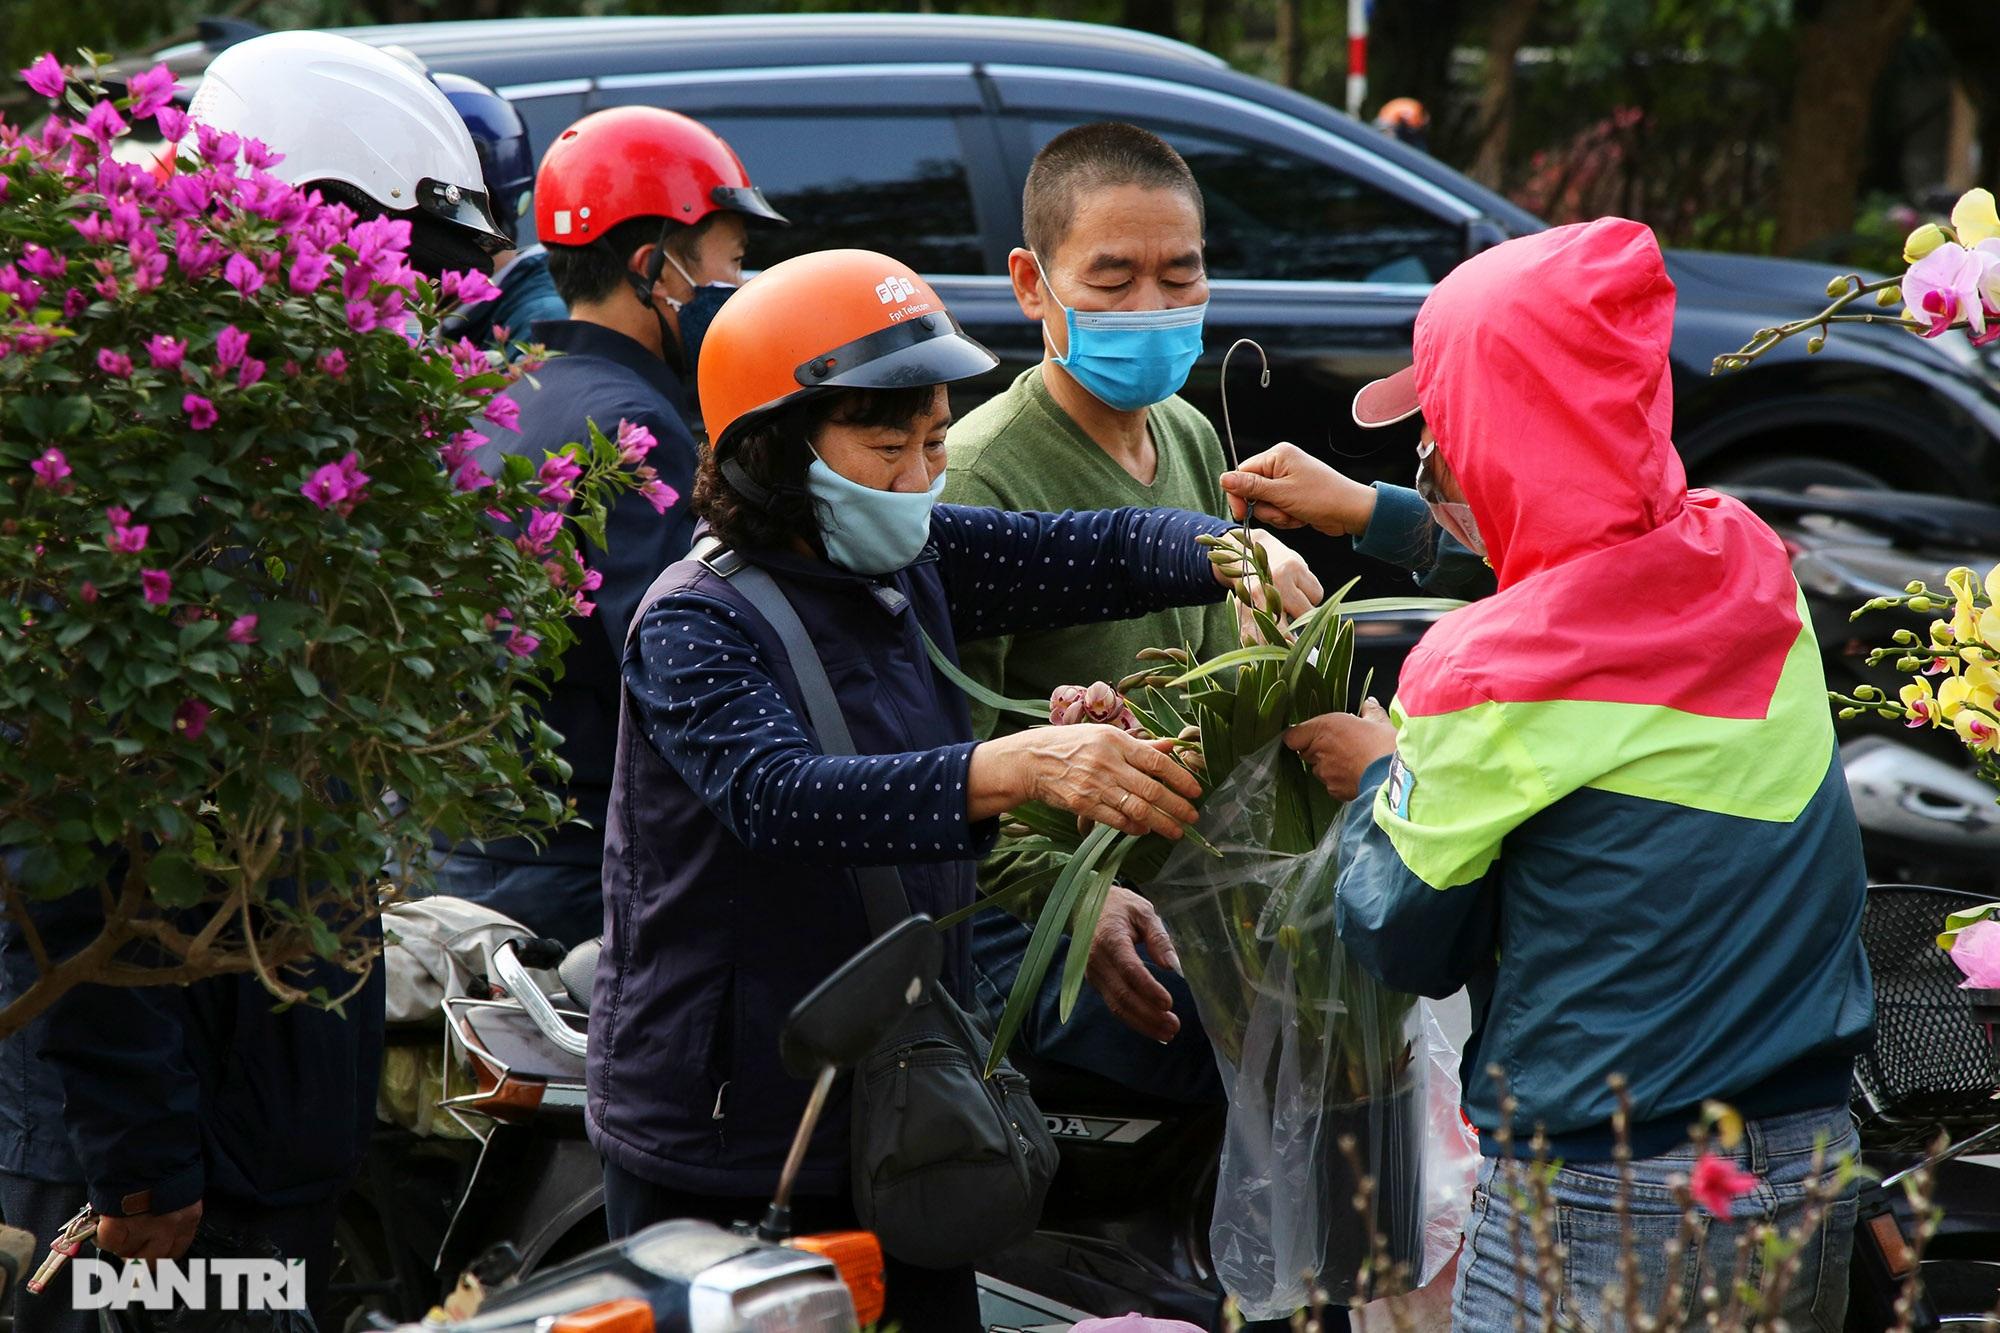 Chợ hoa bày bán trên đường phố Hà Nội đông khách bất chấp dịch Covid-19 - 8